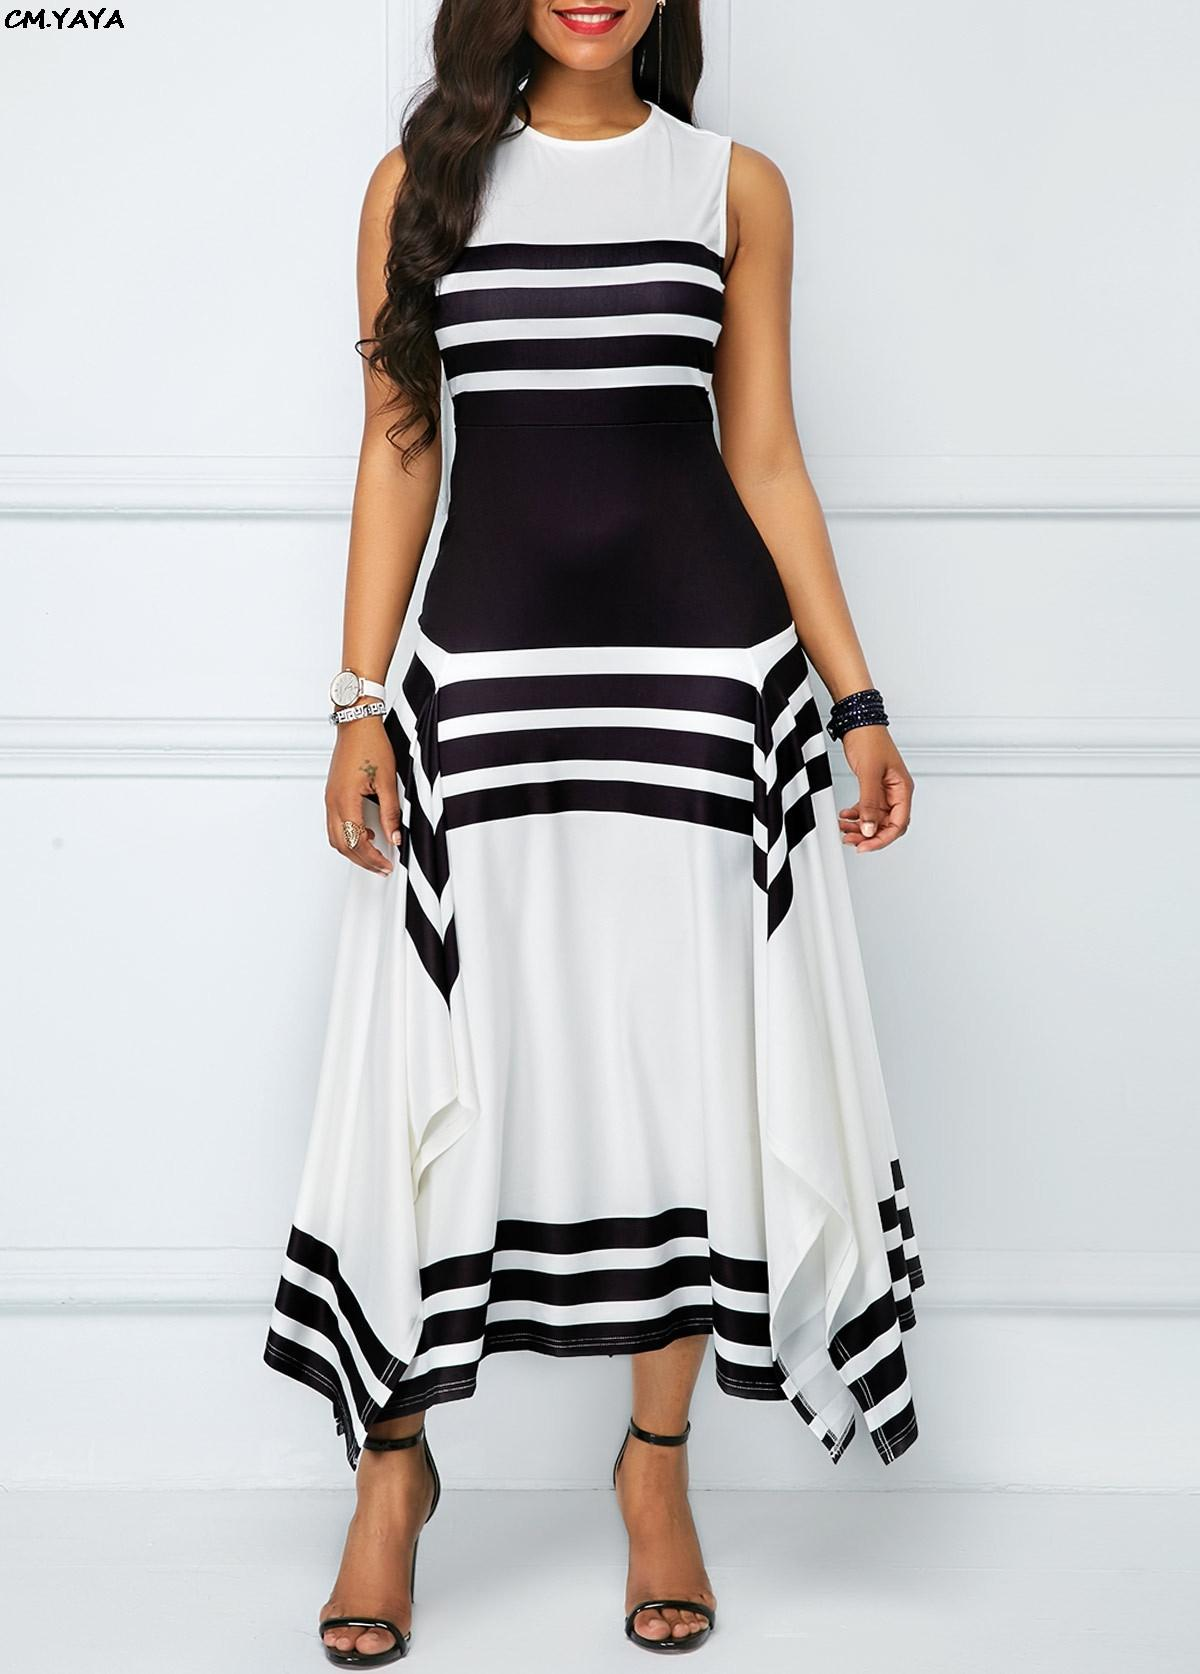 Nuove donne manica meno o-collo nero strisce bianche orlo irregolare a-line lungo maxi vestito moda casual abiti 2 colori GLA6077